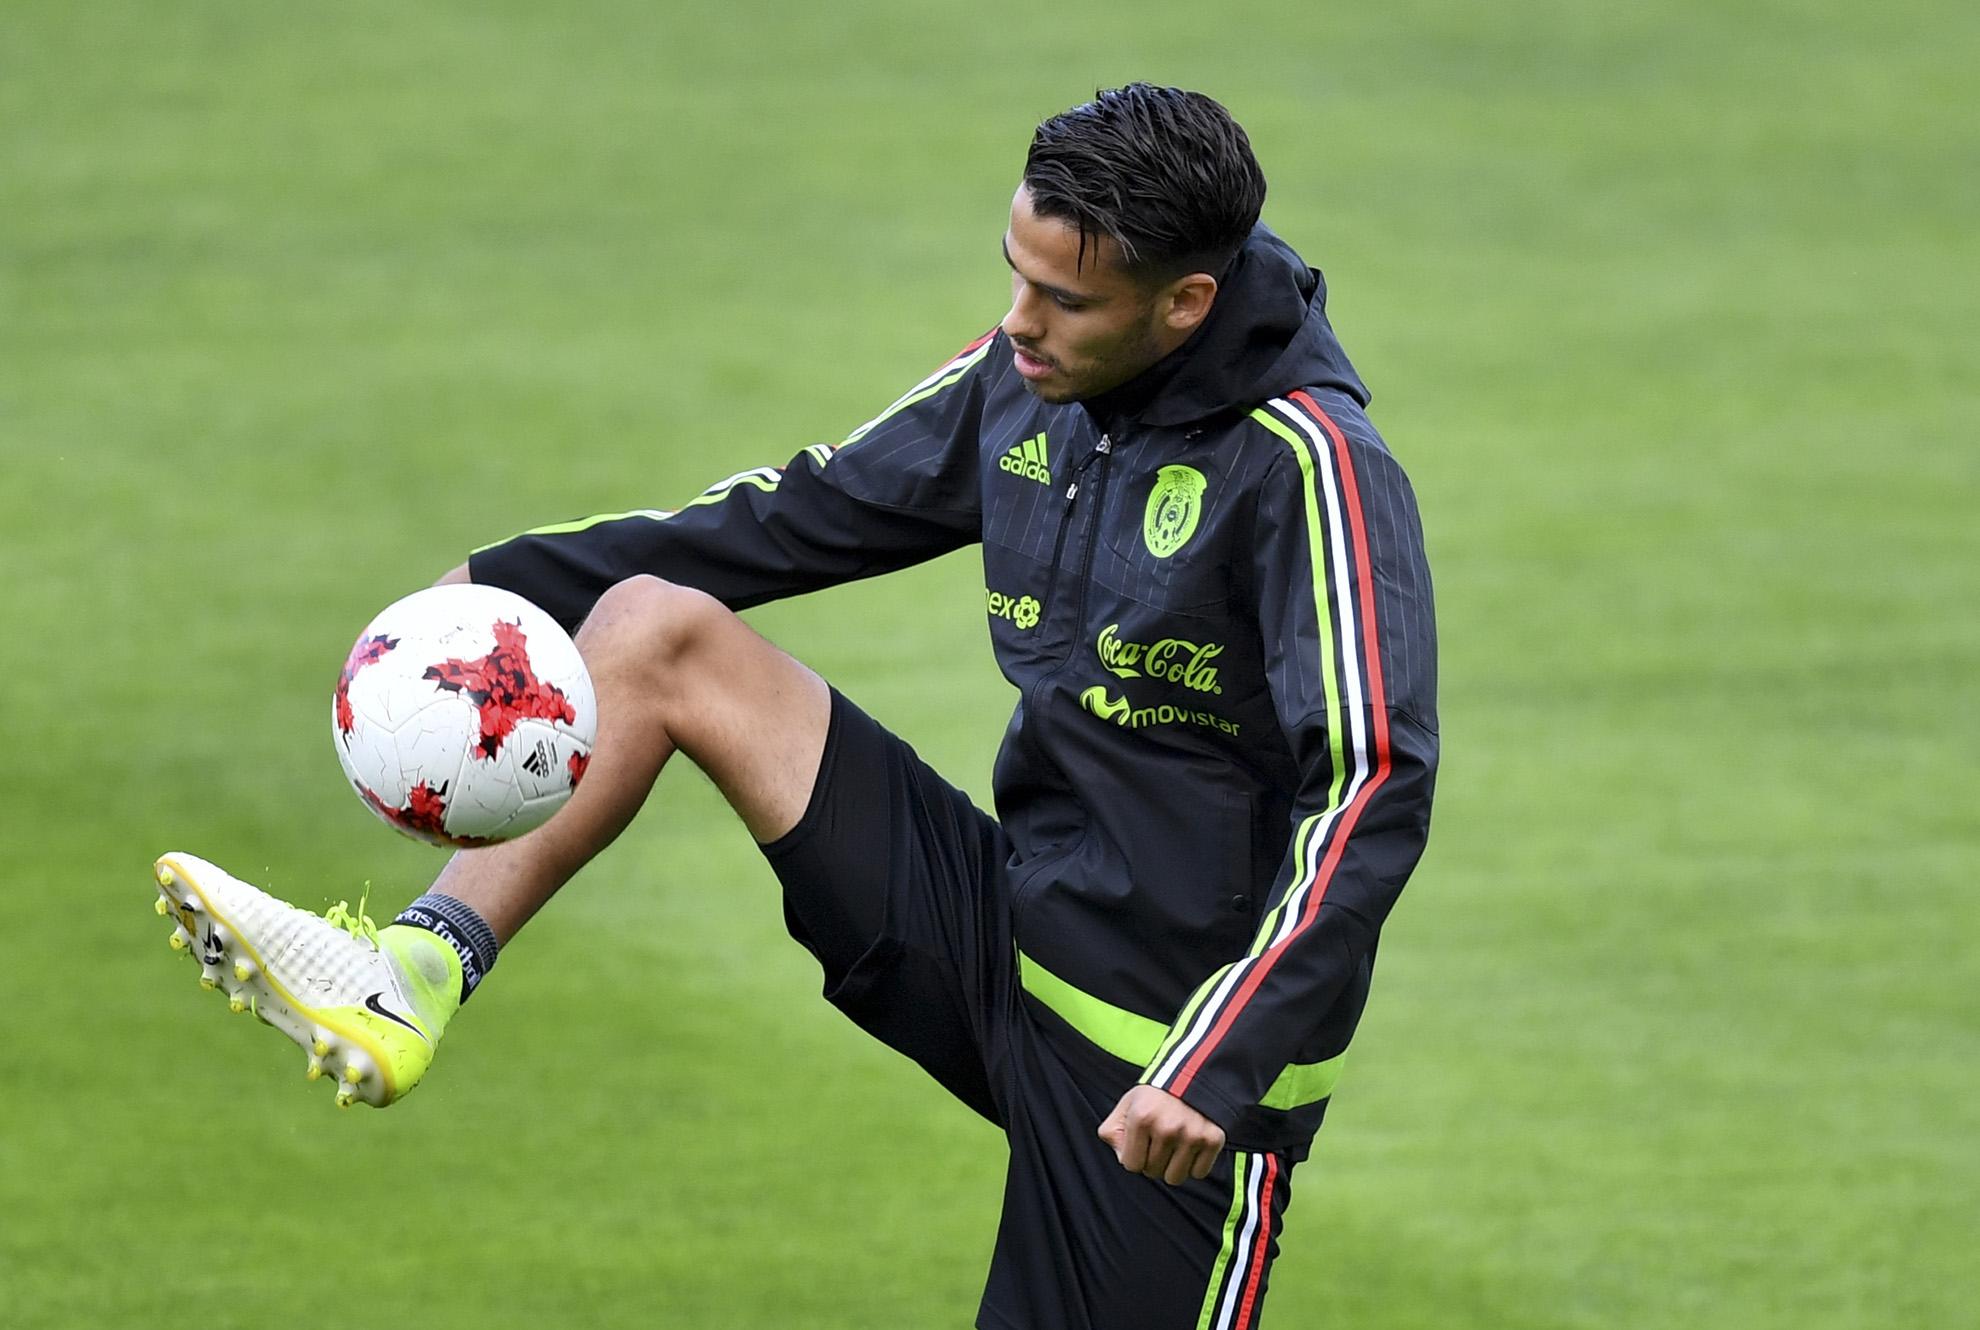 Última oportunidad para Diego Reyes, si no puede será baja